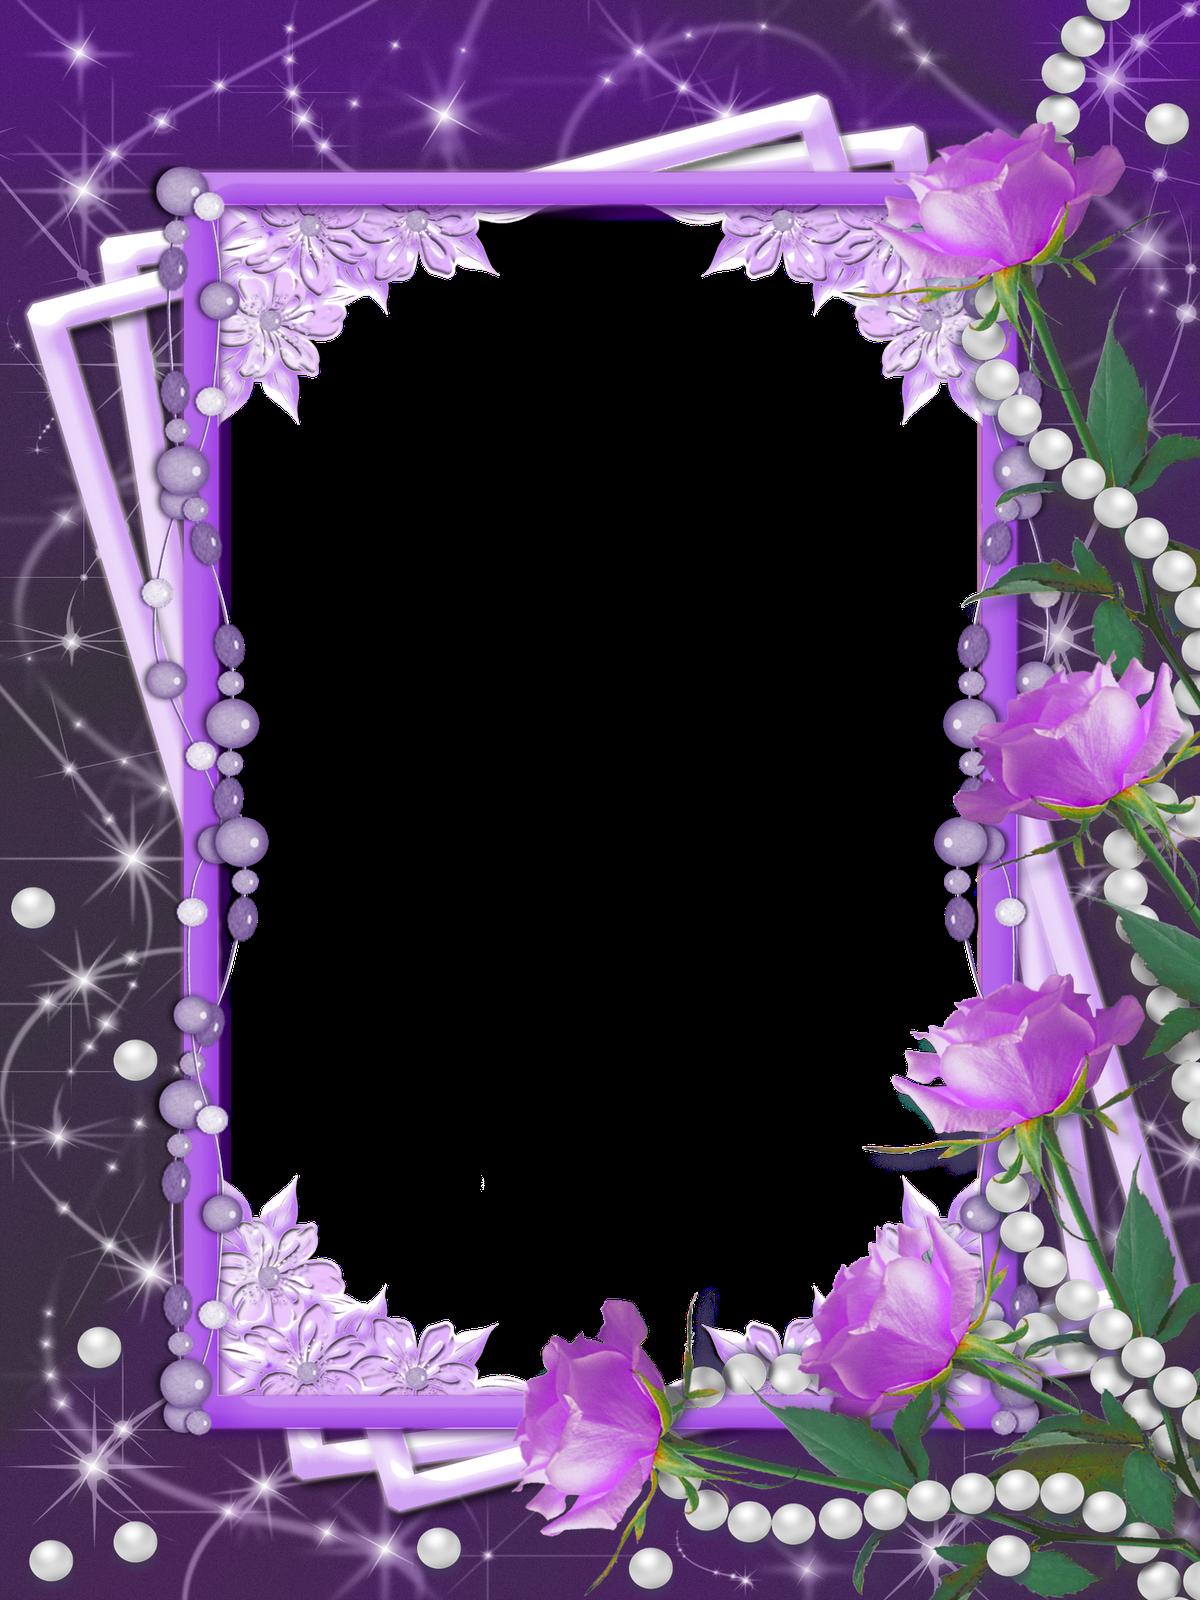 Clipart frames lavender. Transparent purple flower frame